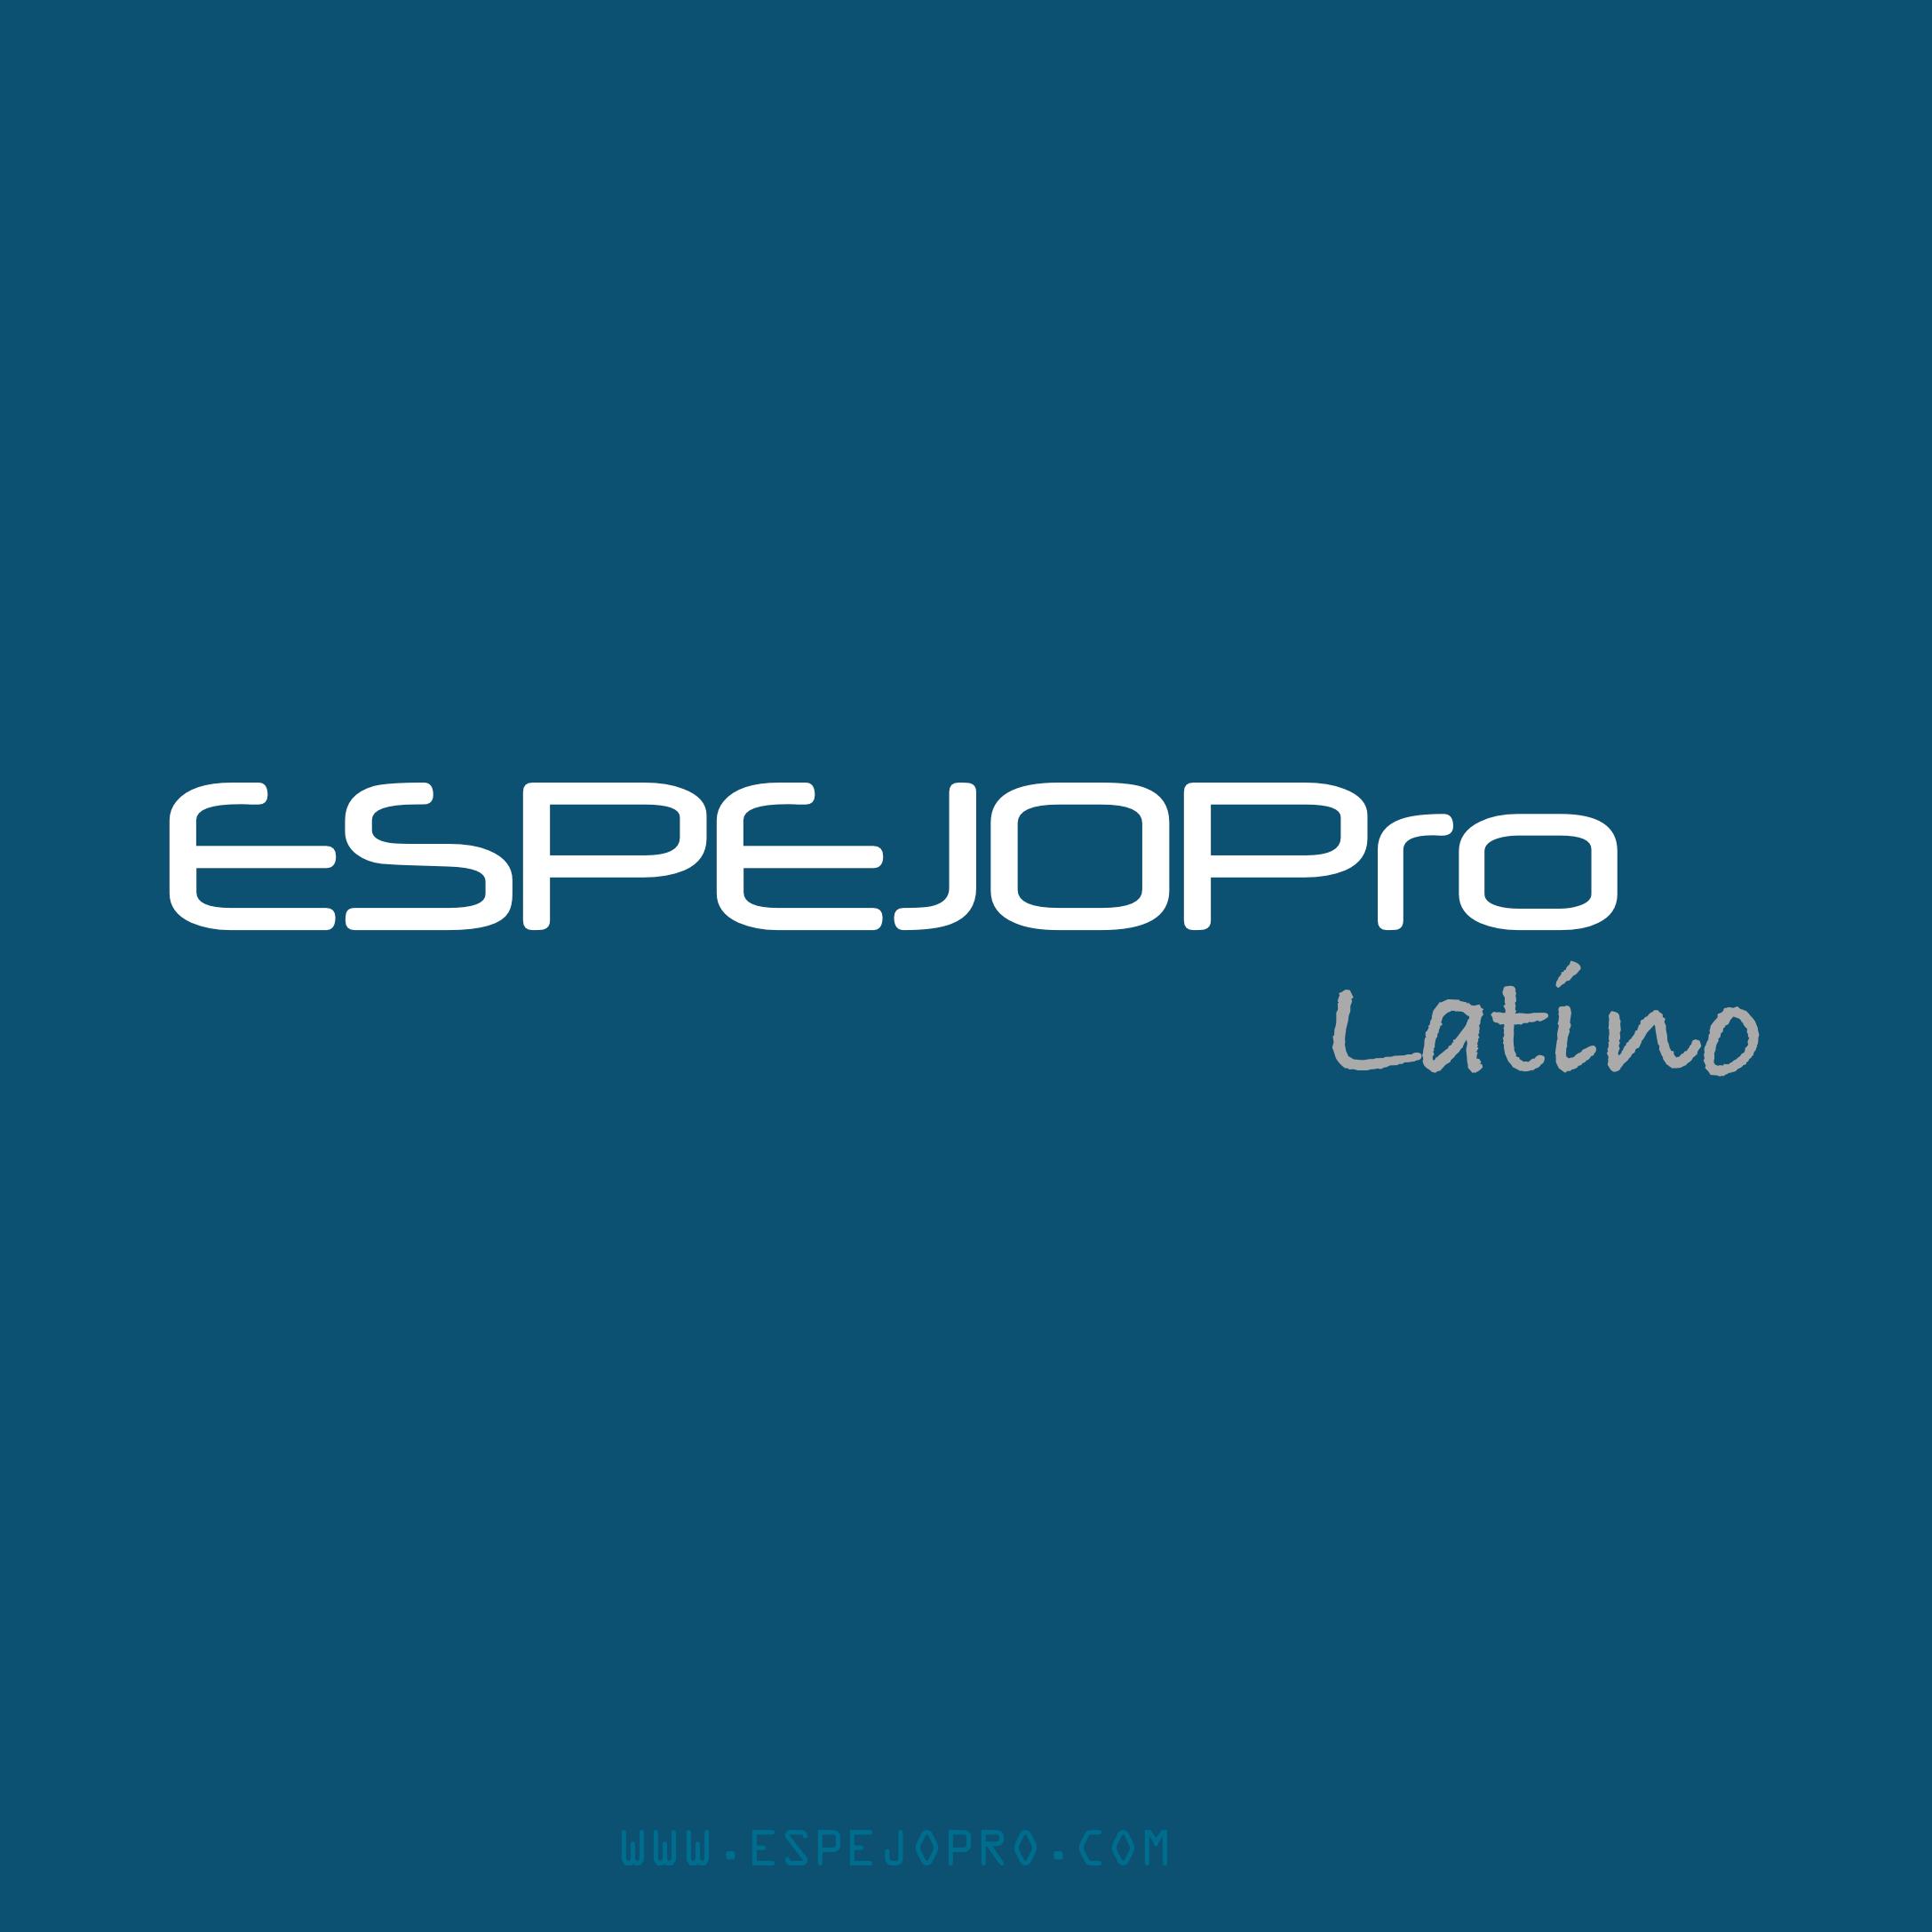 Espejo Latino